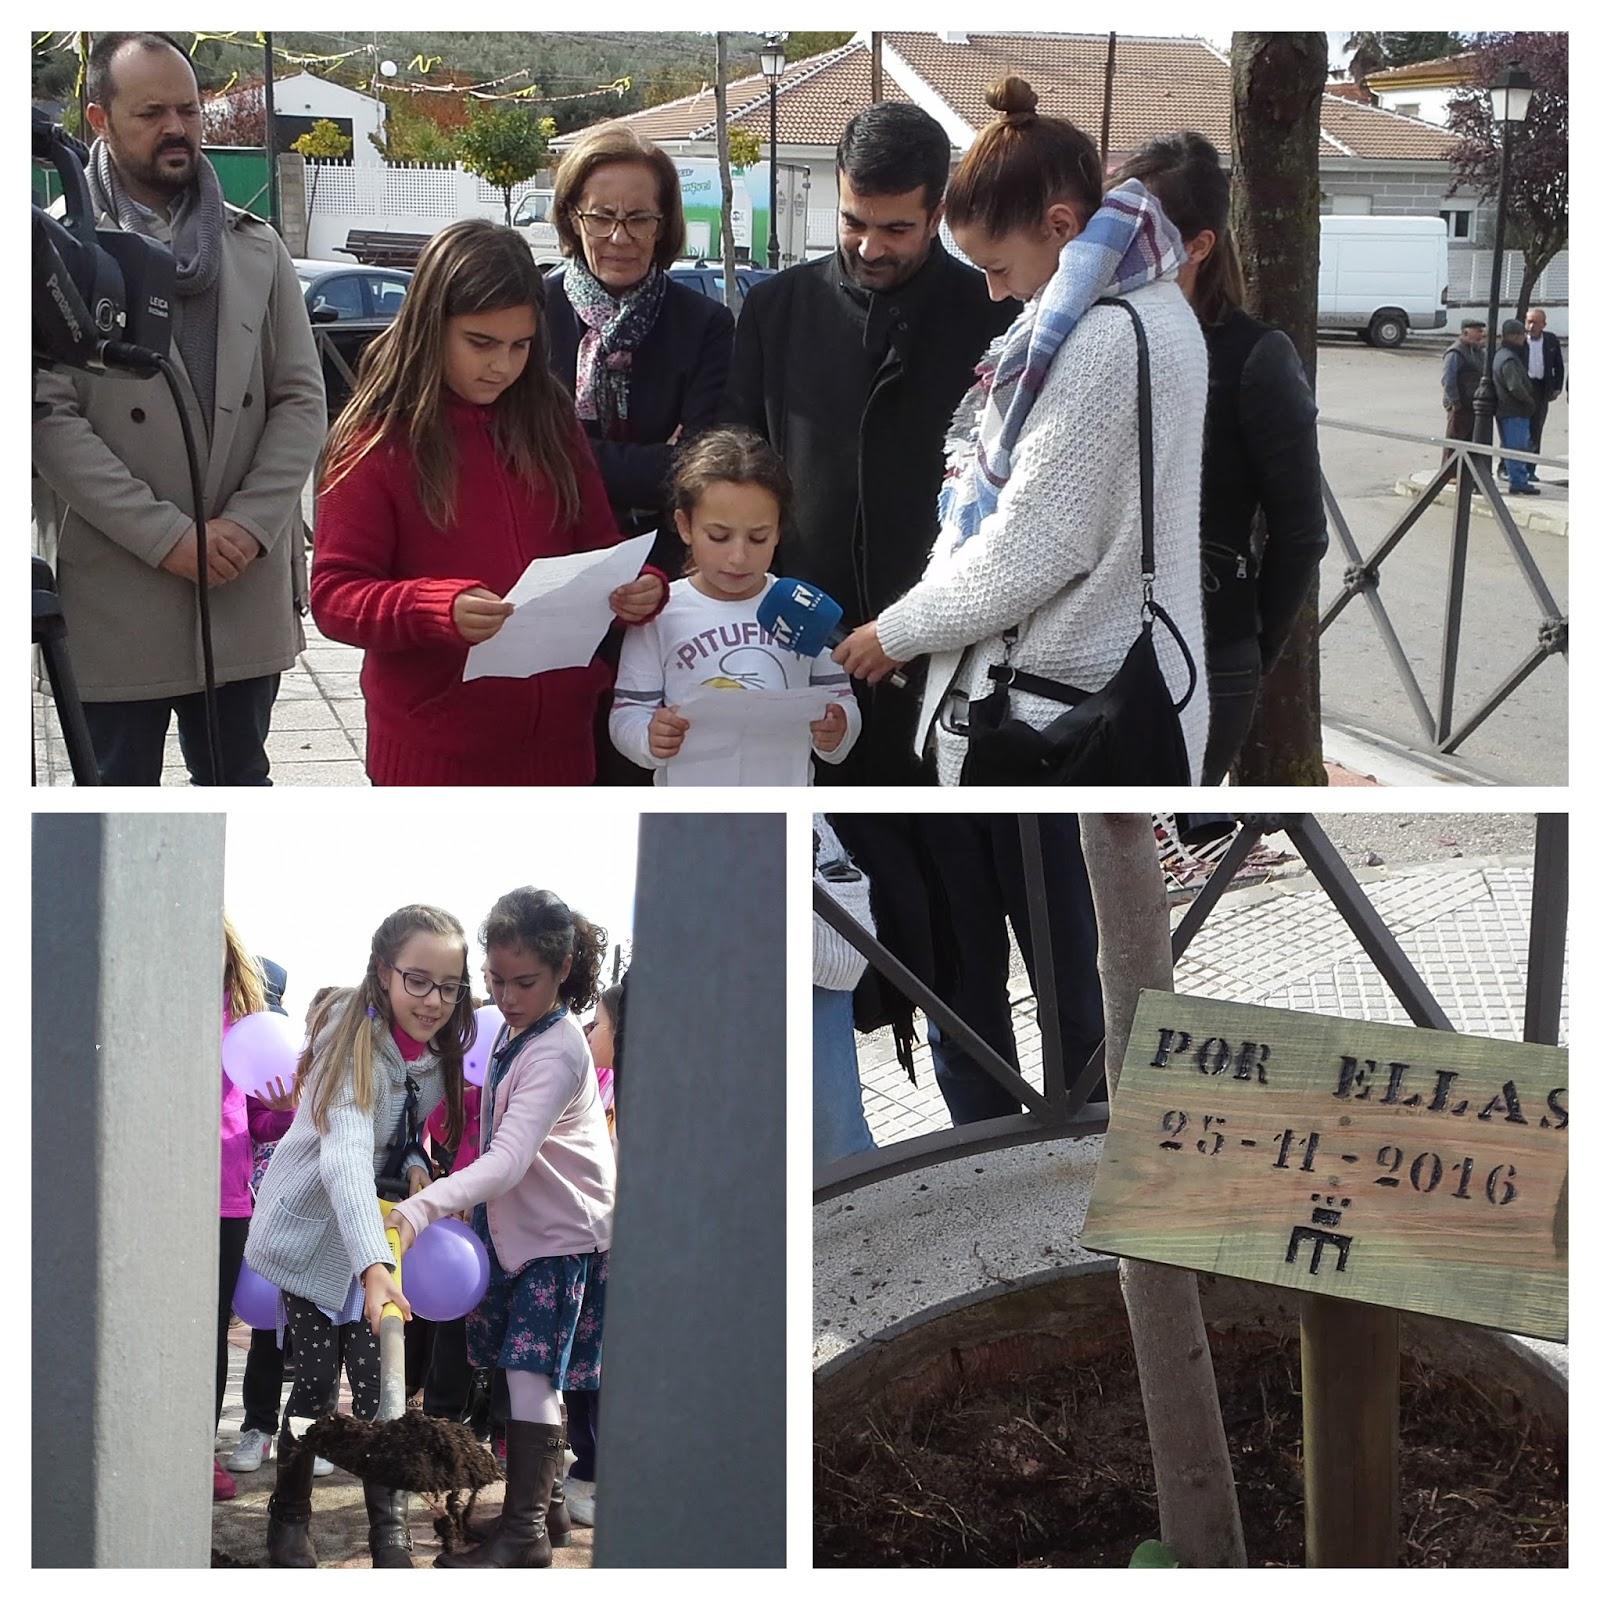 ... del Ayuntamiento de Loja, a la plantación de un árbol en homenaje a las  mujeres que sufren malos tratos, por ello en su pie se puede leer